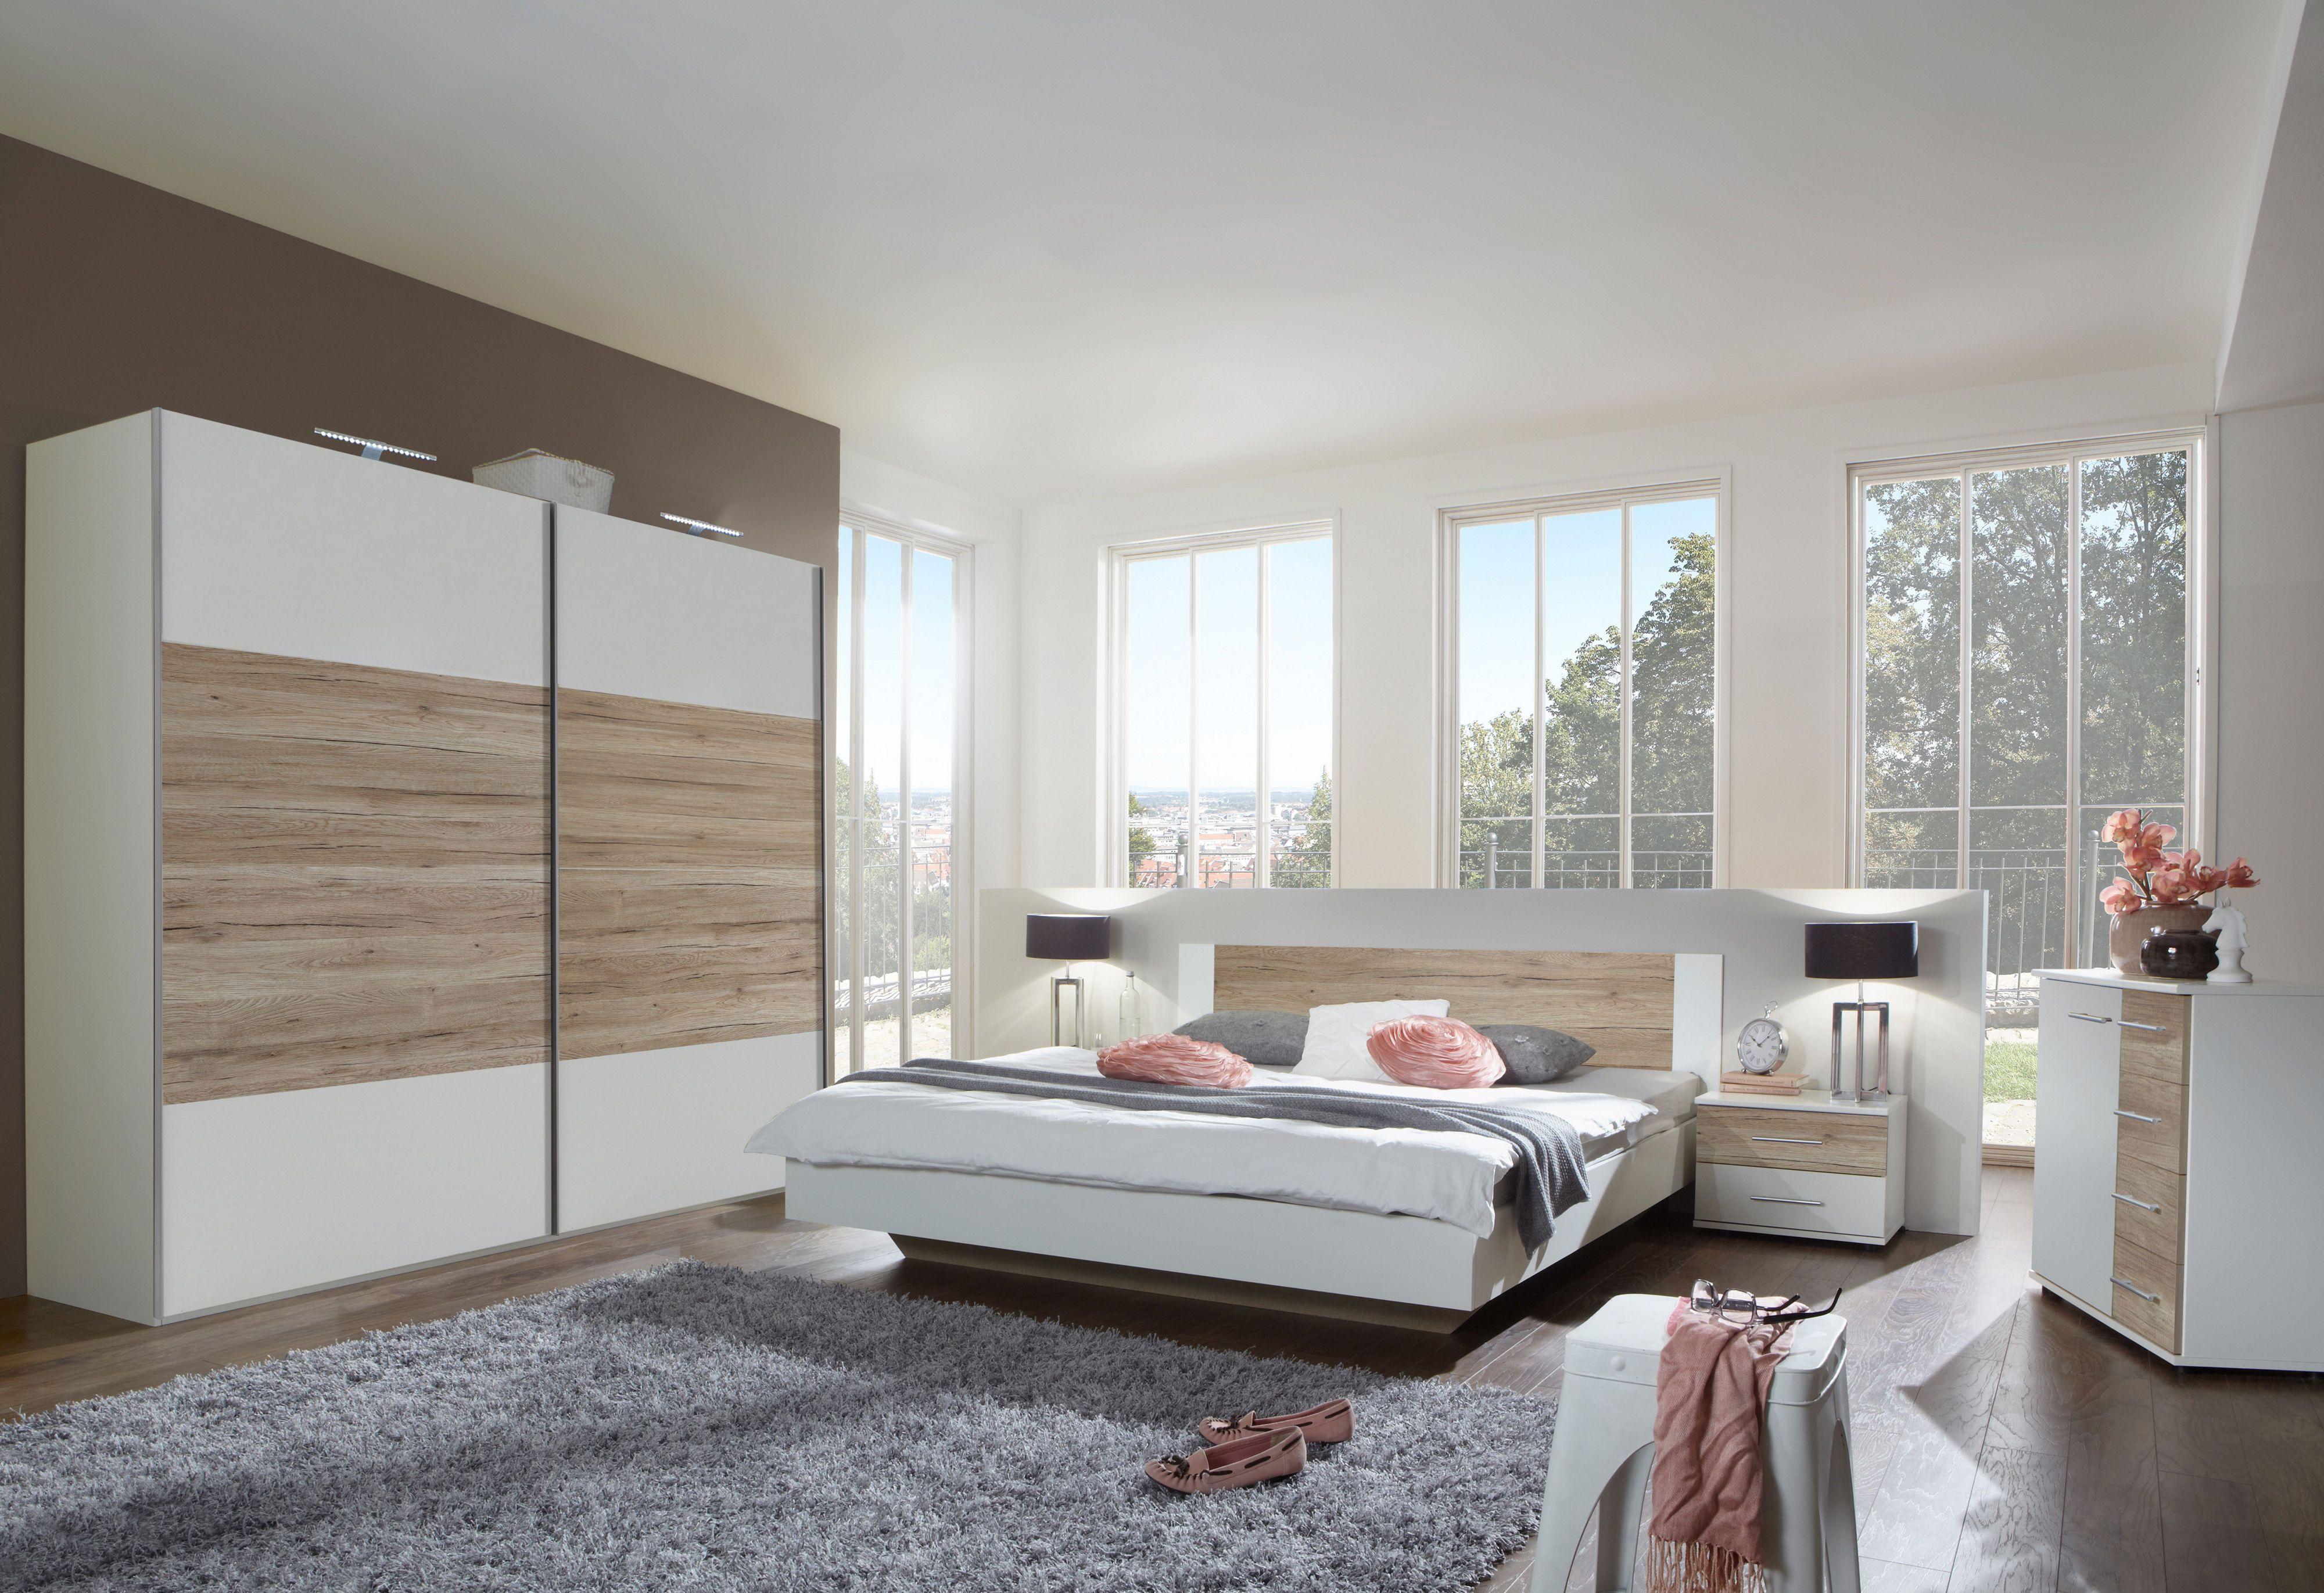 Stunning Schlafzimmer Set 140x200 Photos Unintendedfarms | Schlafzimmer